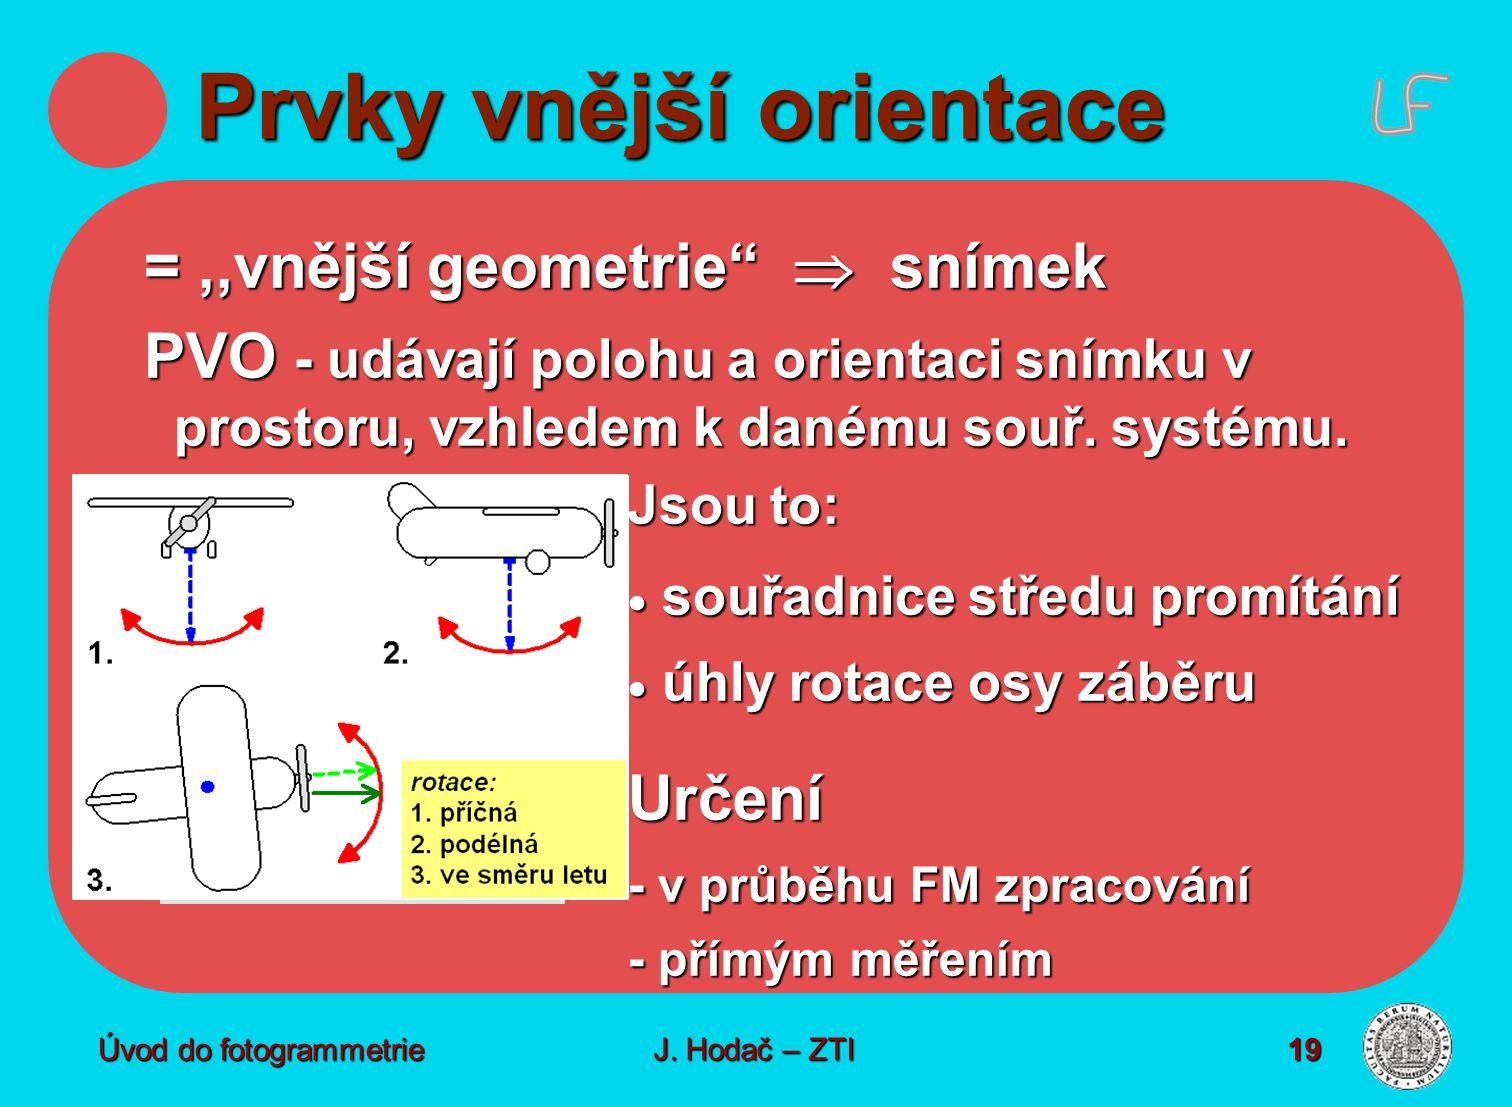 Úvod do fotogrammetrie19 Prvky vnější orientace =,,vnější geometrie  snímek PVO - udávají polohu a orientaci snímku v prostoru, vzhledem k danému souř.